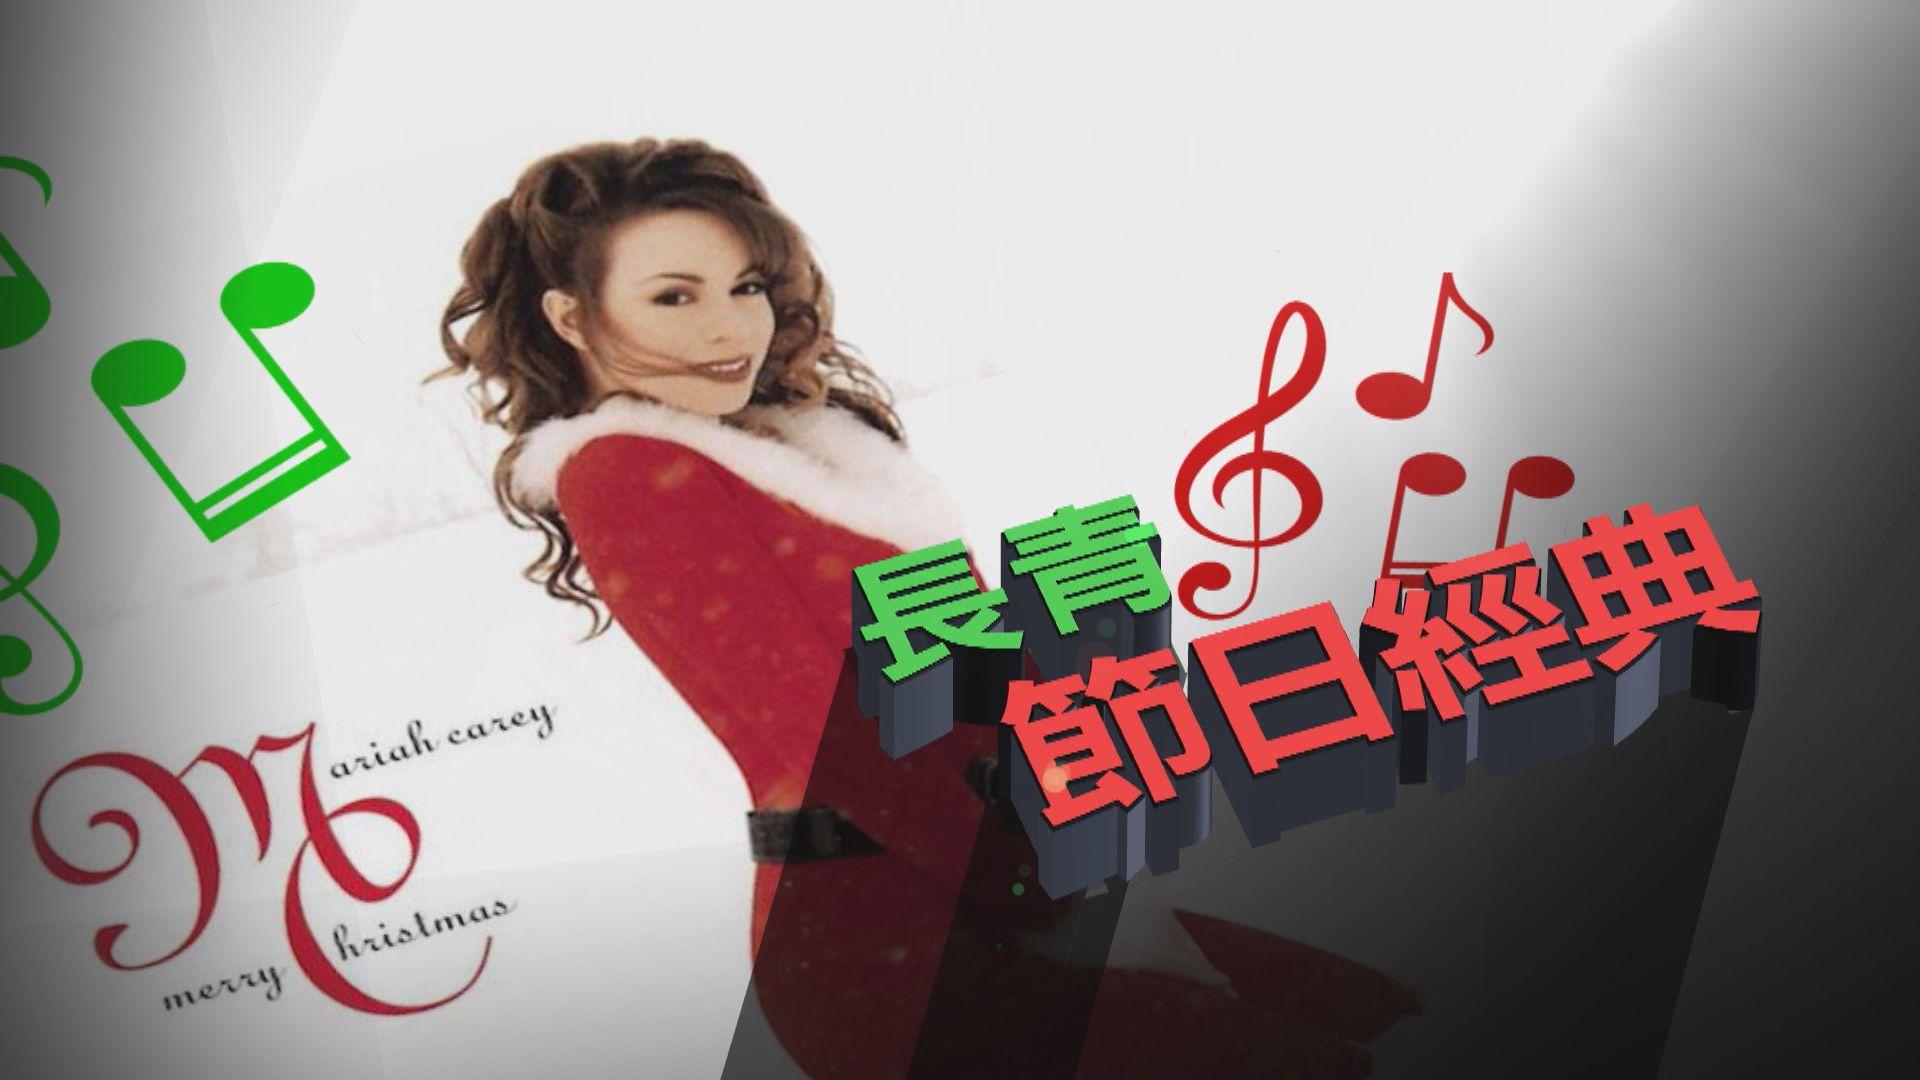 【新聞智庫】長青節日經典聖誕歌 相隔25年終登上Billboard冠軍